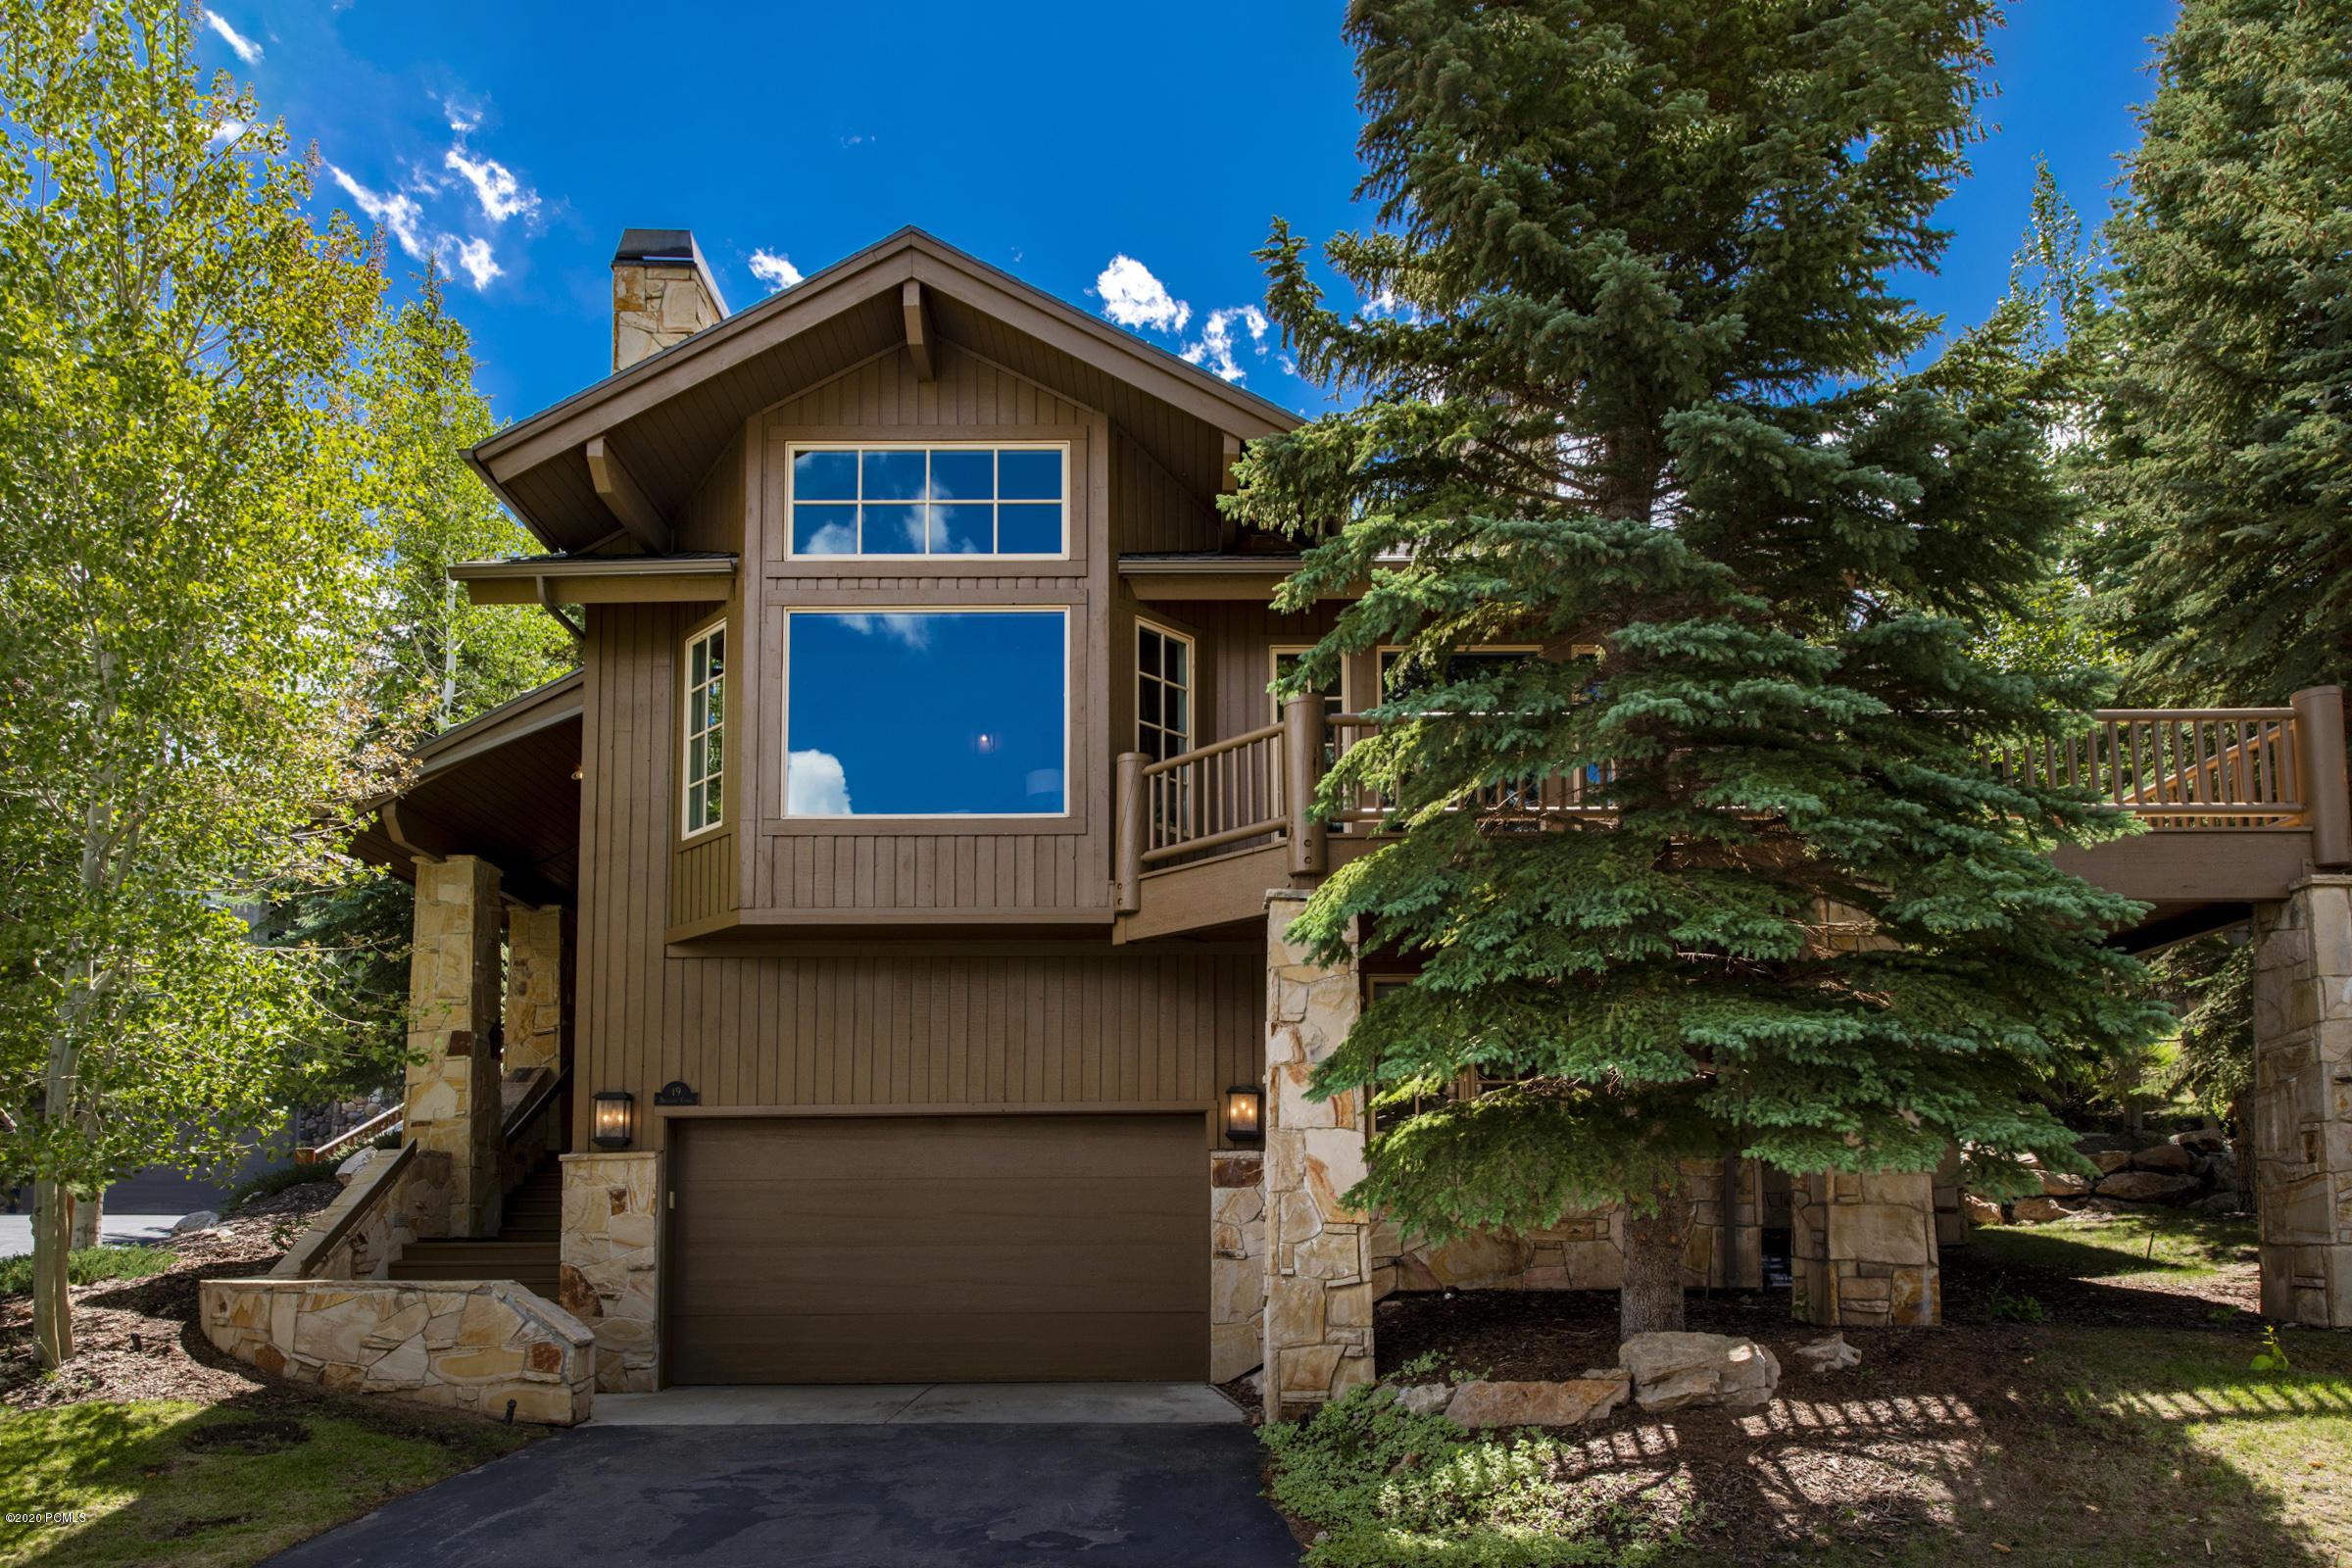 19 Bellevue Court, Park City, Utah 84060, 4 Bedrooms Bedrooms, ,5 BathroomsBathrooms,Single Family,For Sale,Bellevue,12002651